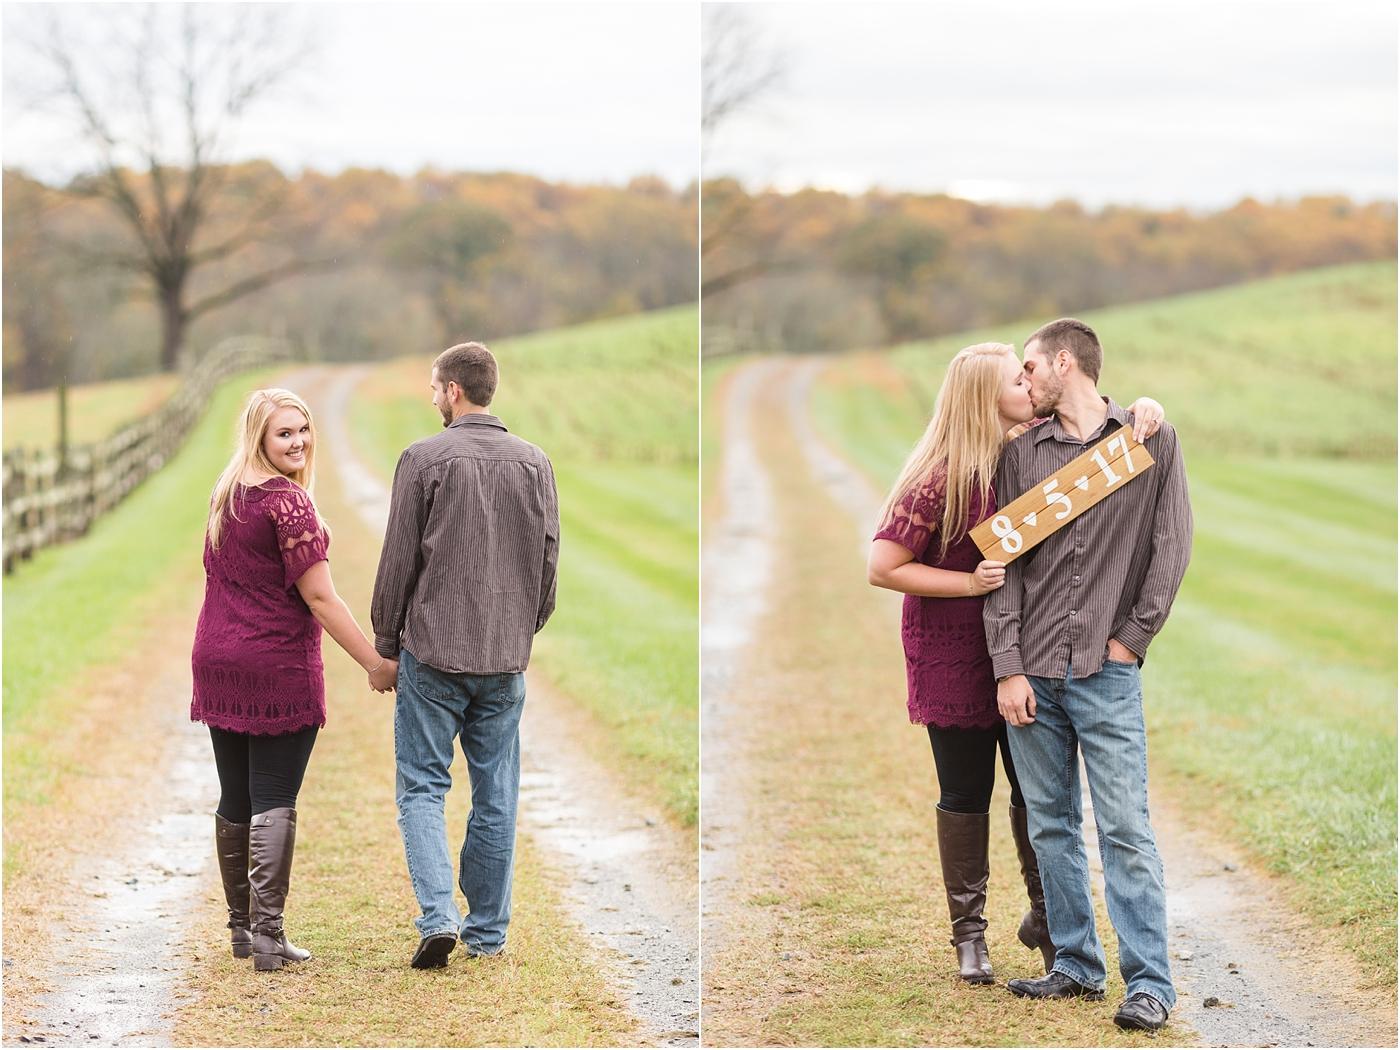 Maryland-Engagement-Photographer-8.jpg